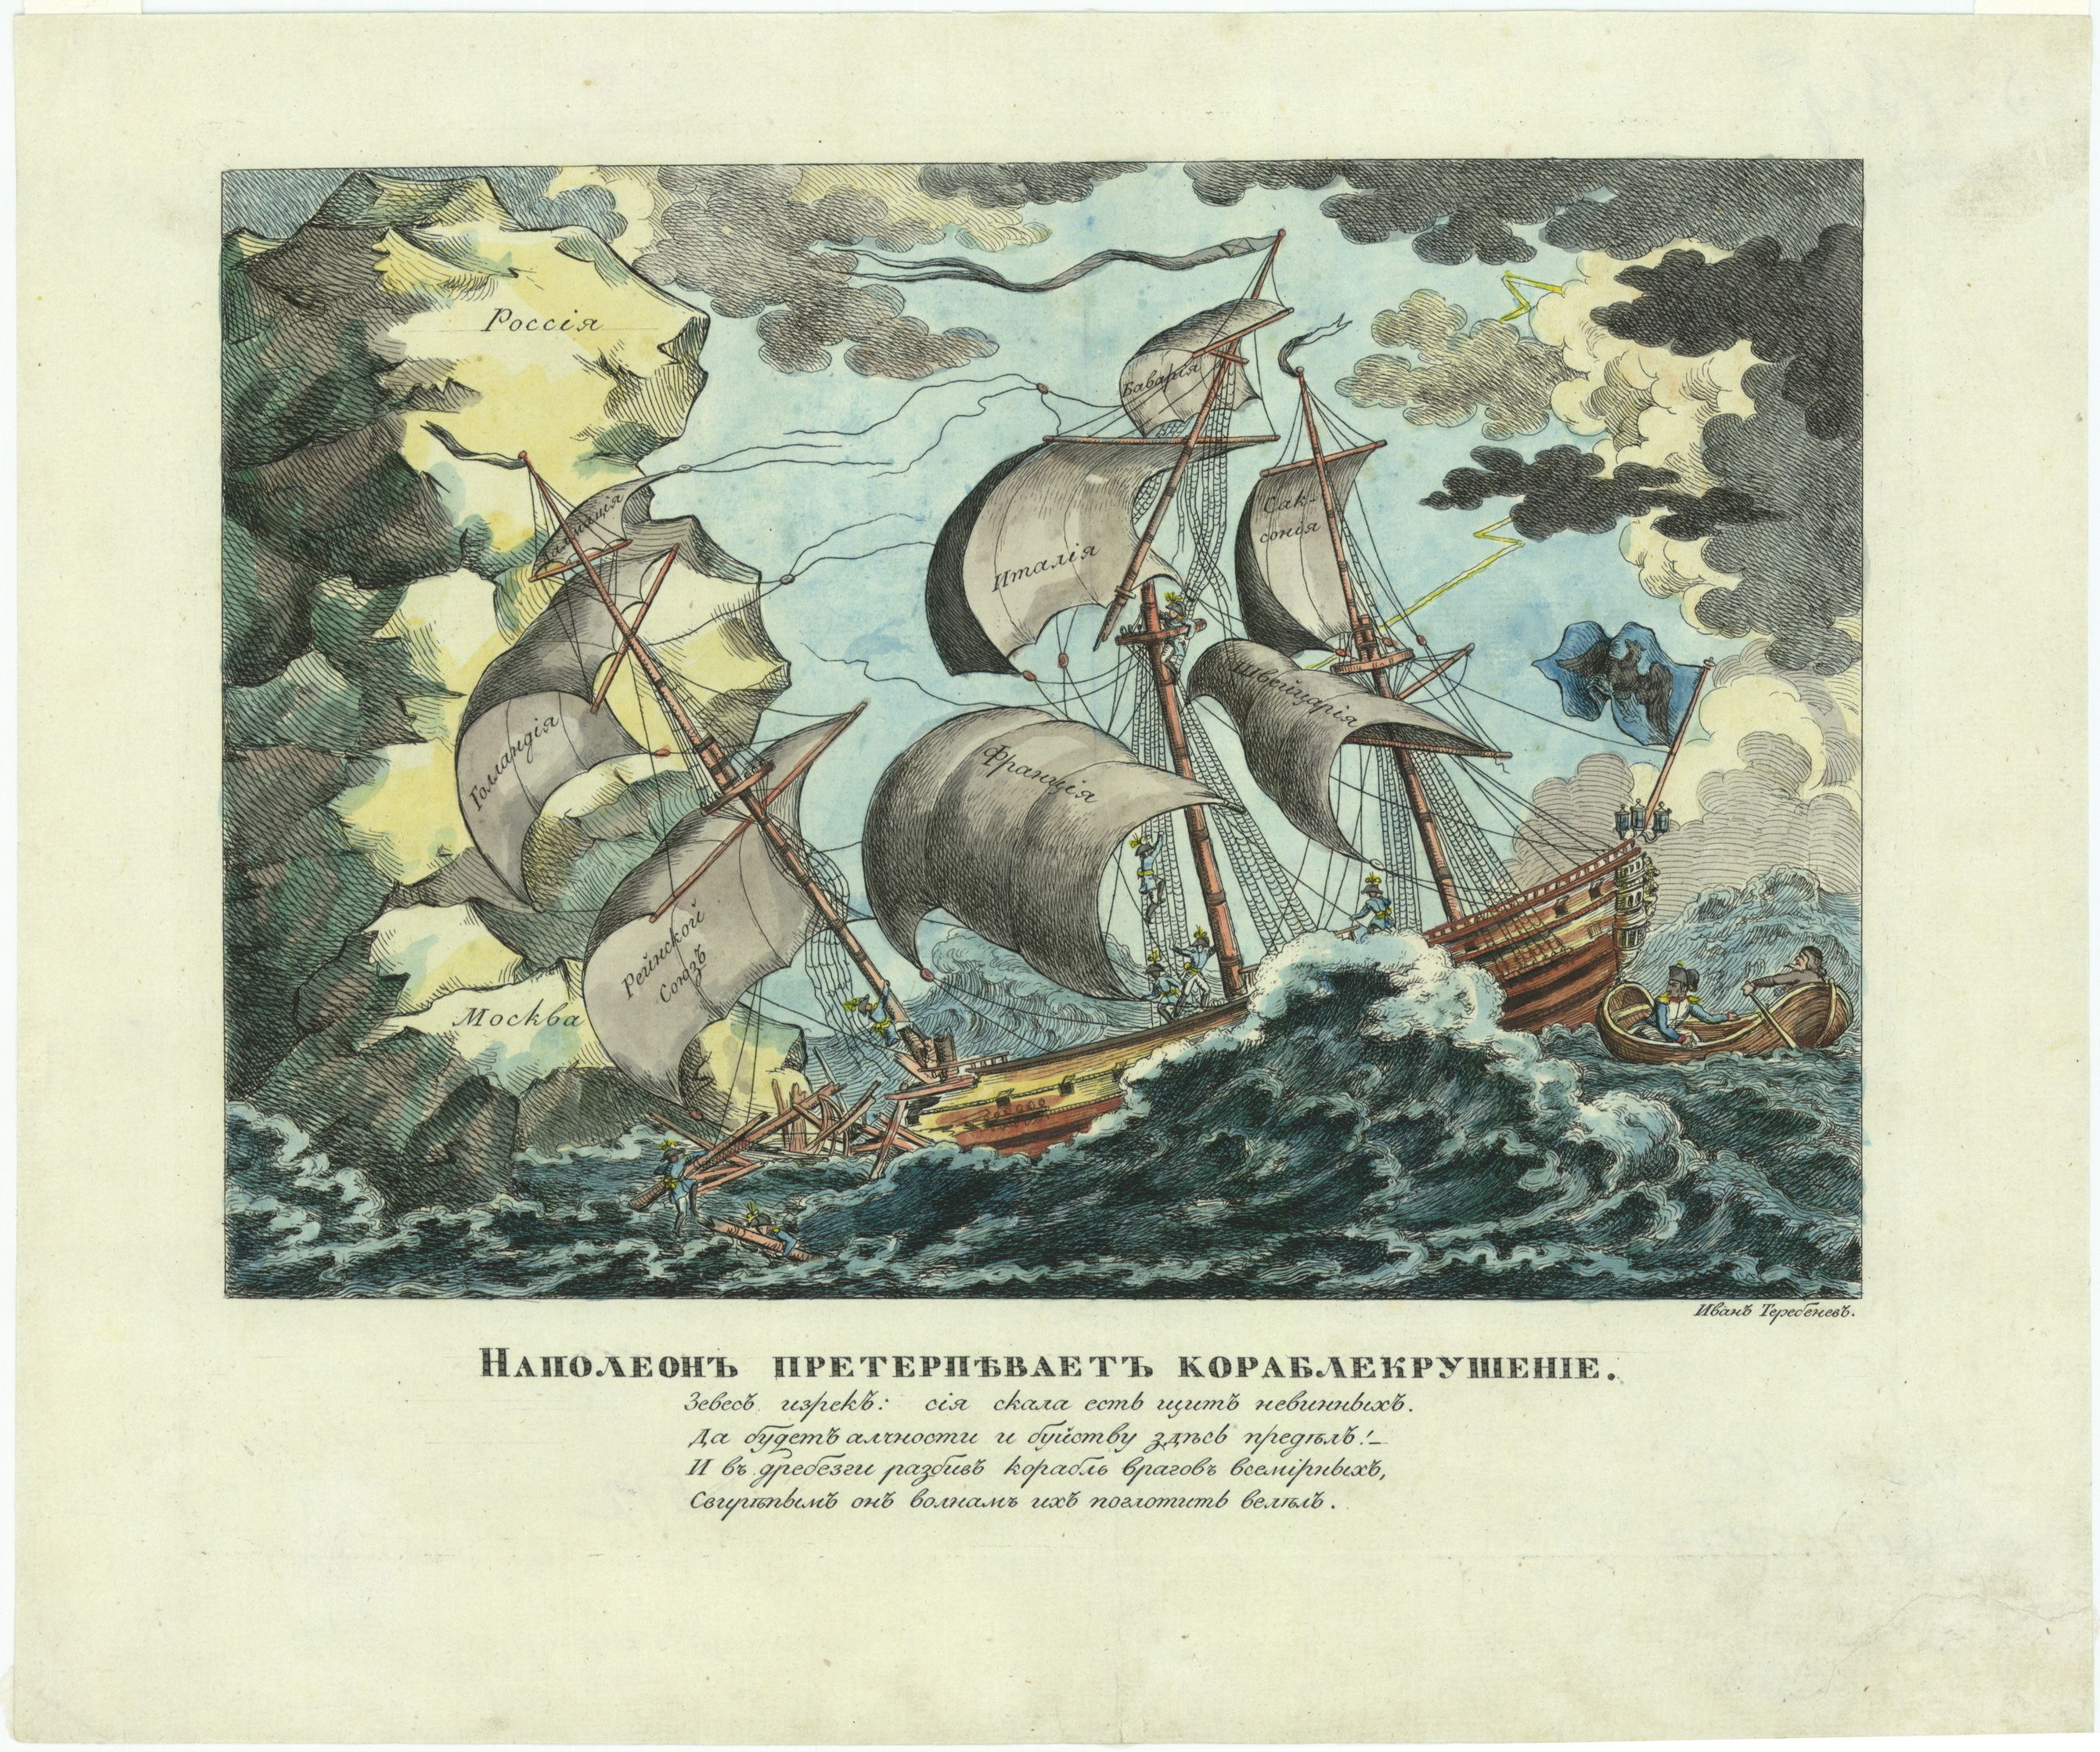 Иван Иванович Теребенев Наполеон претерпевает кораблекрушение. 1814 г. Бумага, раскрашенная гравюра